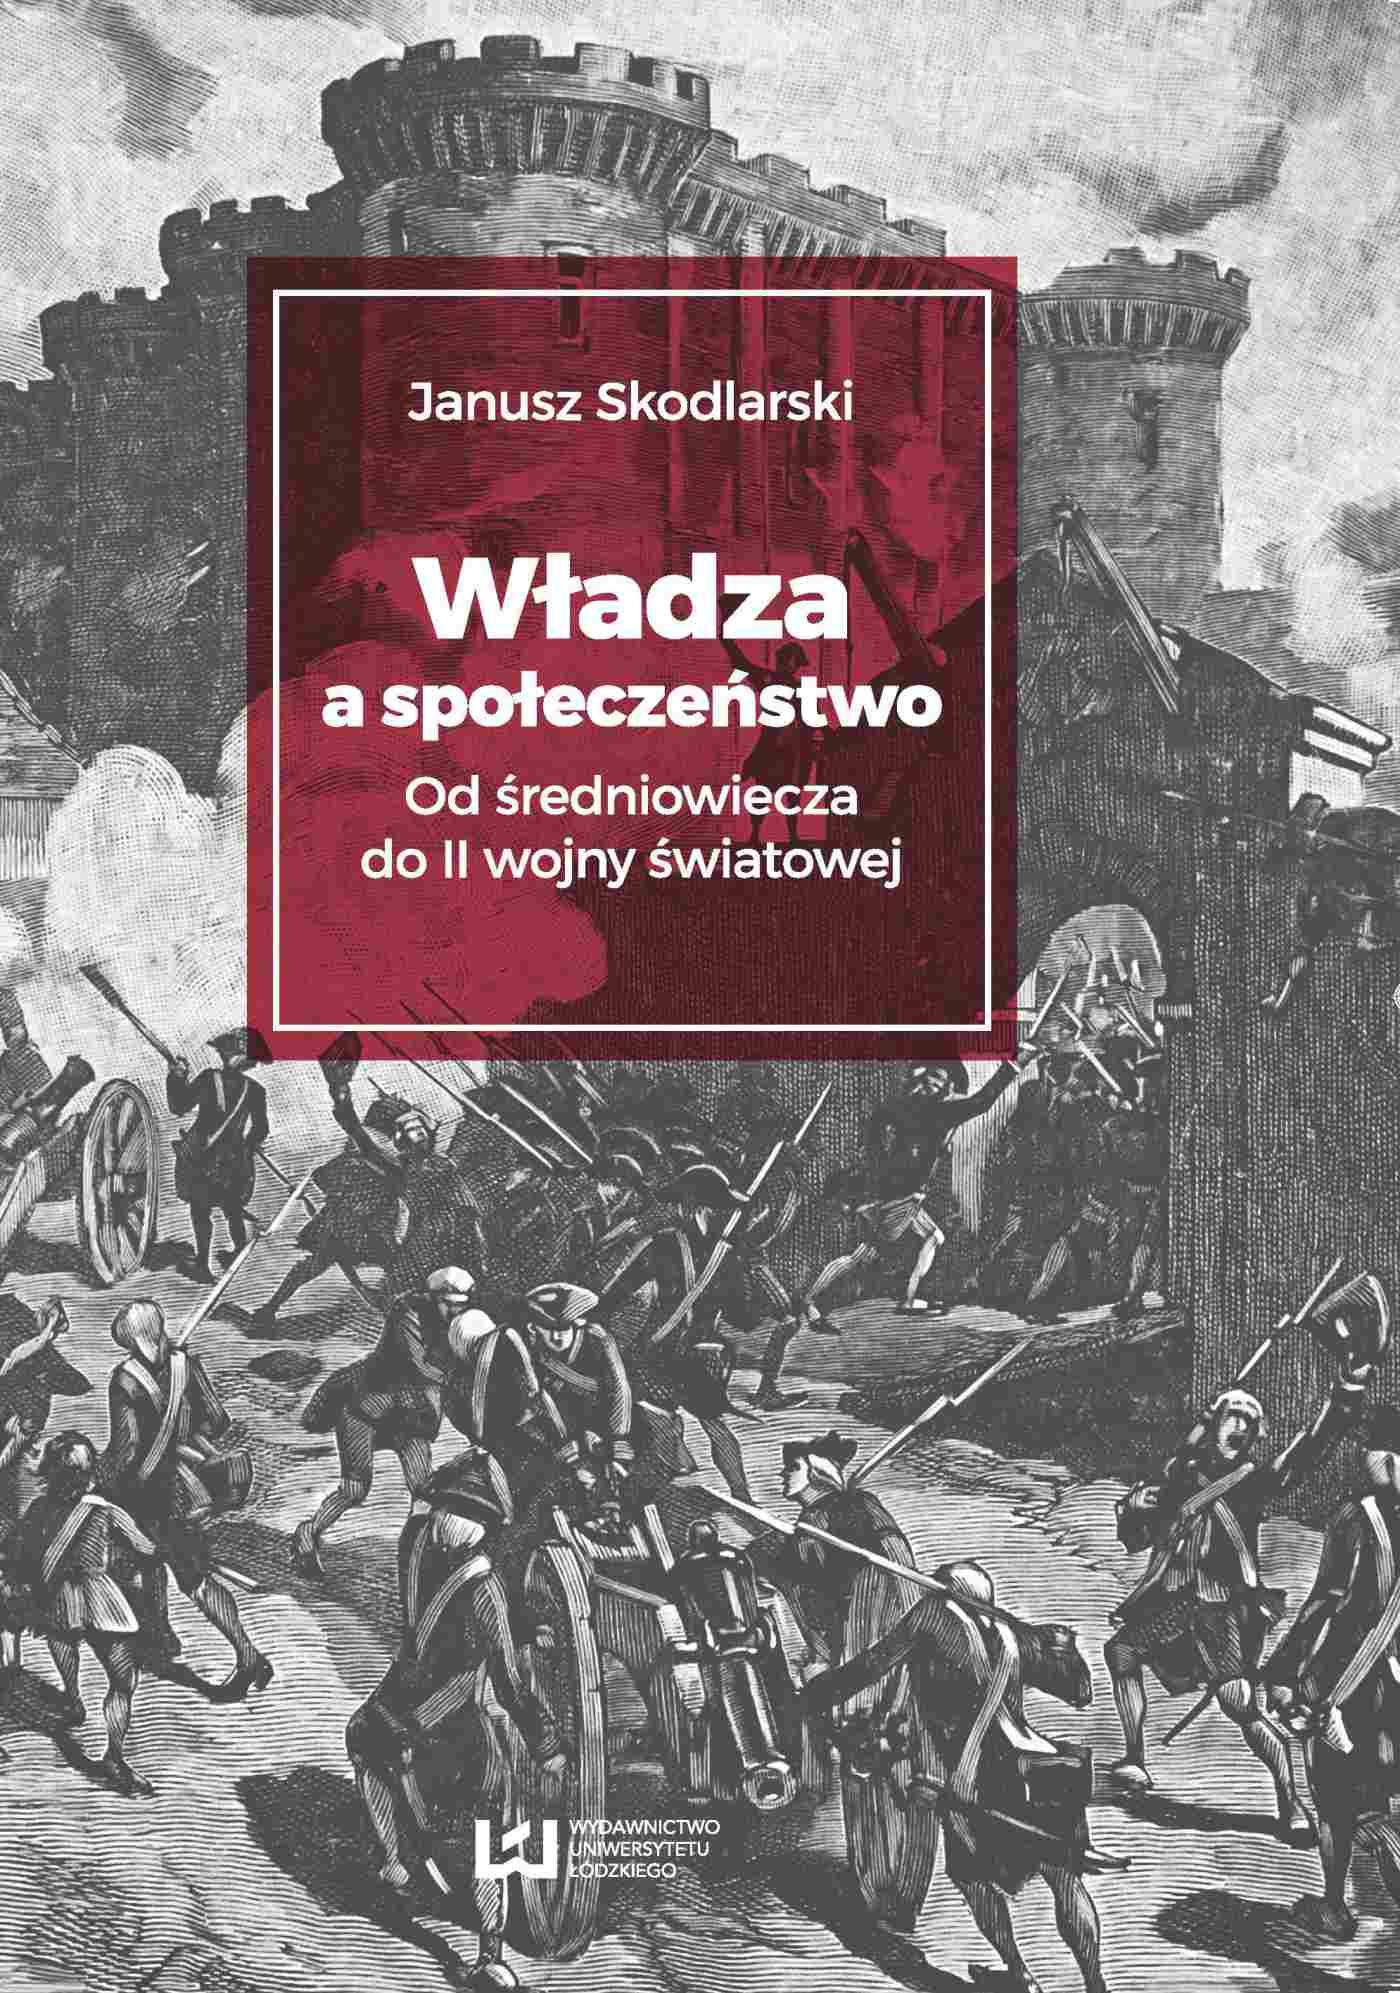 Władza a społeczeństwo? Od średniowiecza do II wojny światowej - Ebook (Książka PDF) do pobrania w formacie PDF